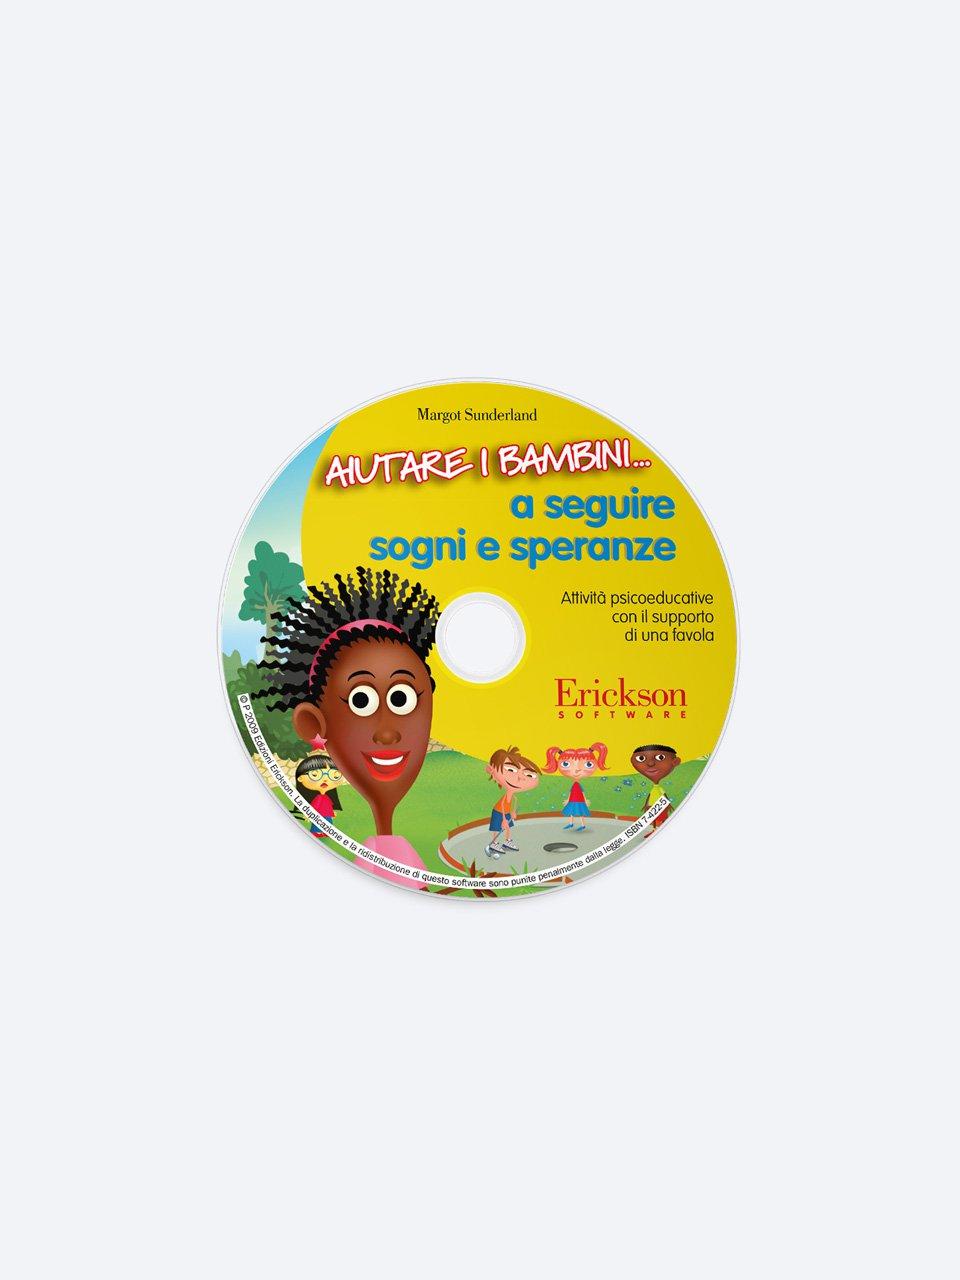 Aiutare i bambini... a seguire sogni e speranze - Nonna dimentica - Libri - Erickson 2